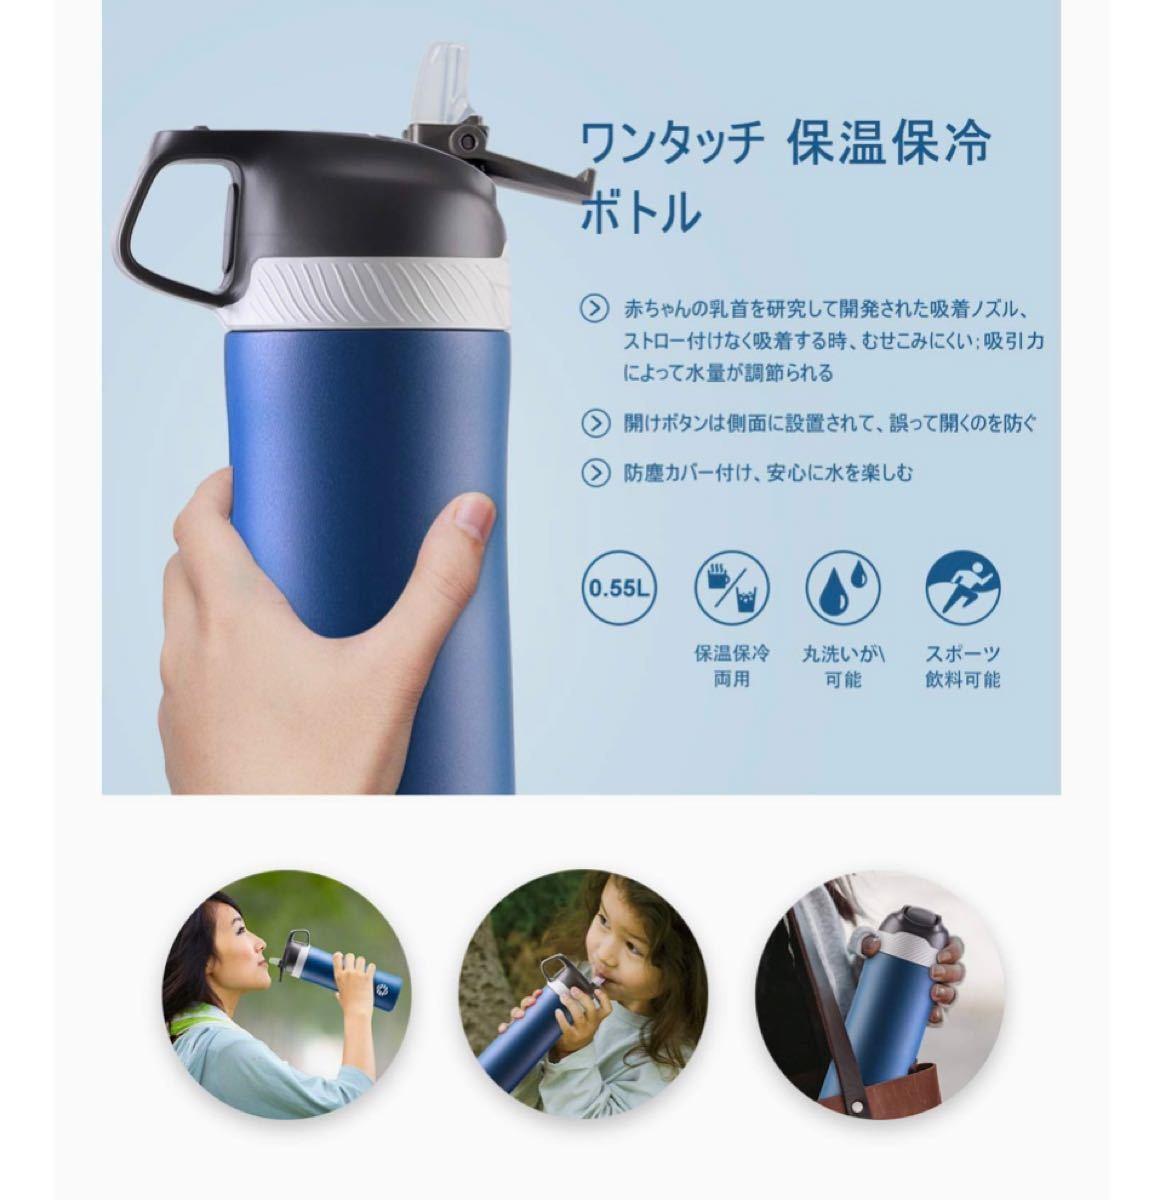 スポーツボトル 保温保冷両方 真空断熱水筒 ダークブルー